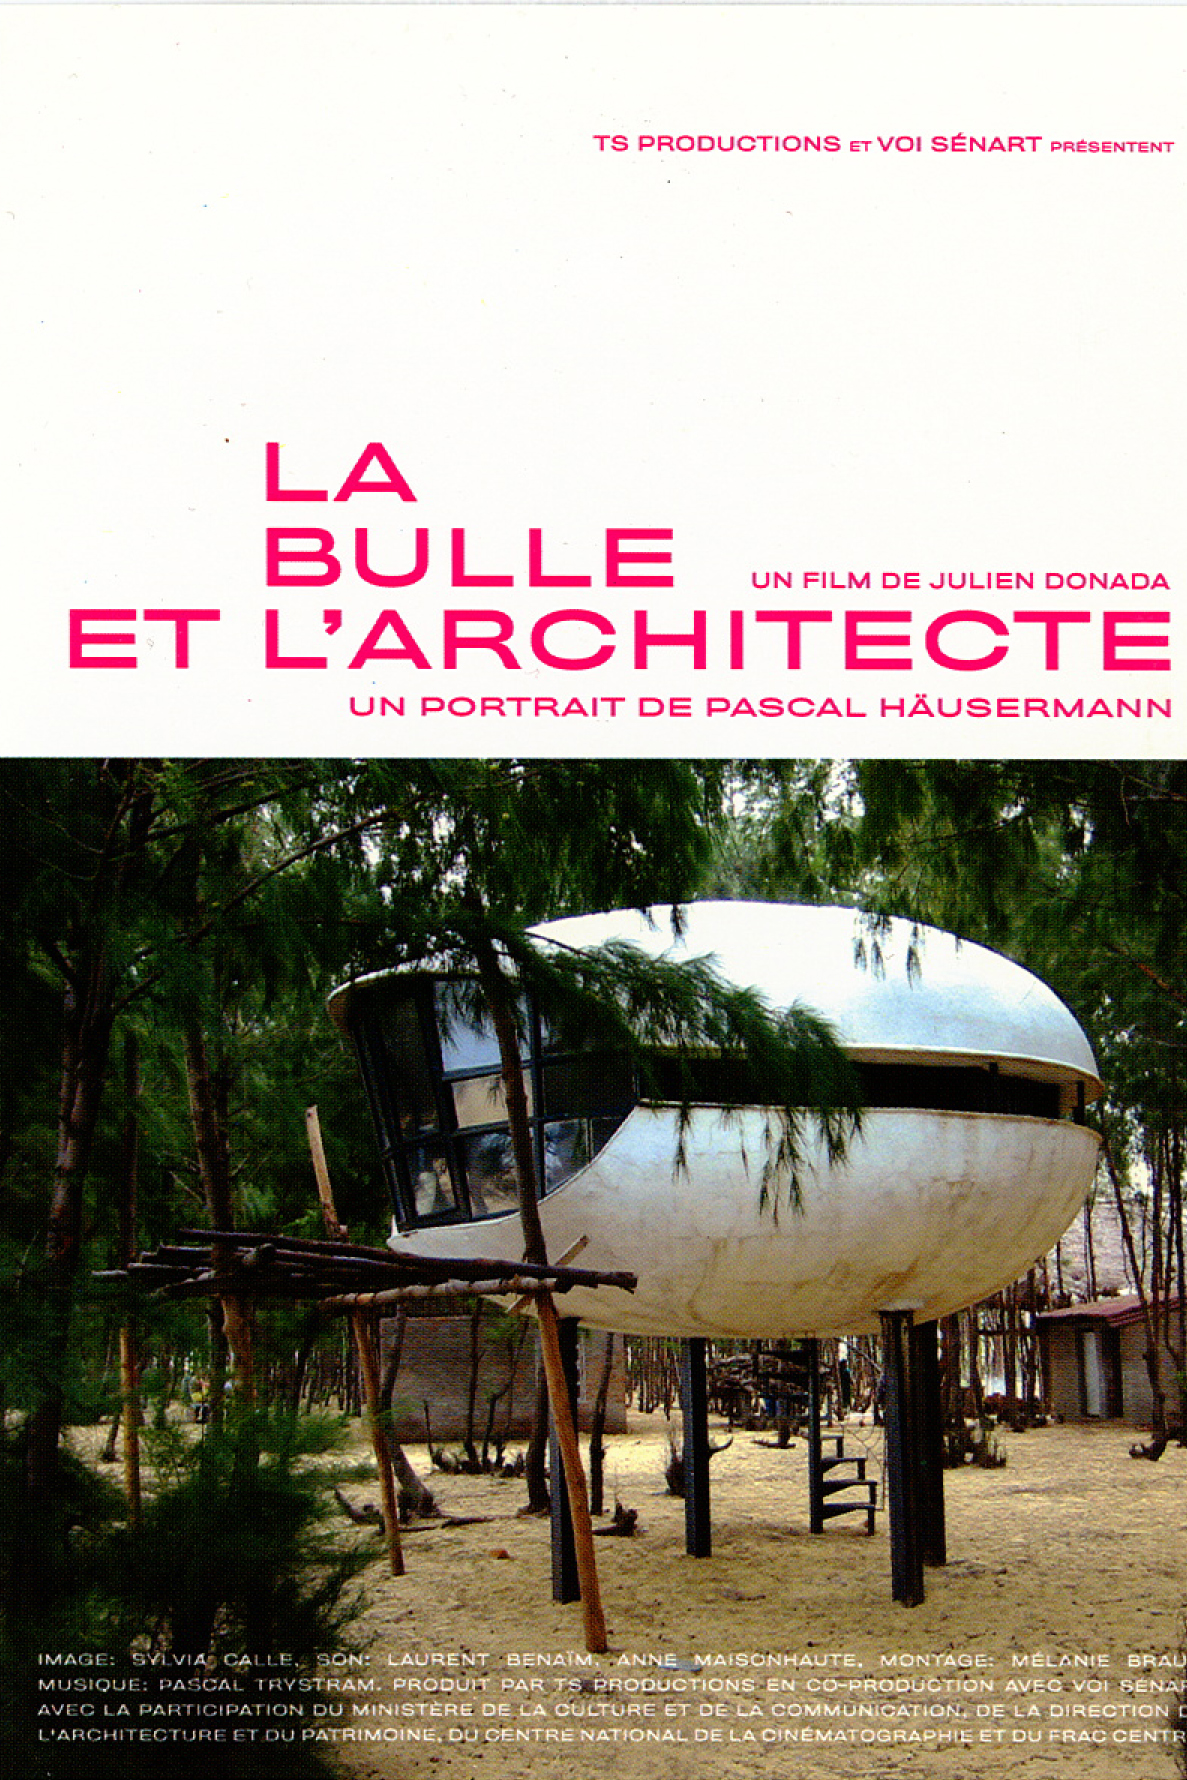 LA BULLE ET L'ARCHITECTE